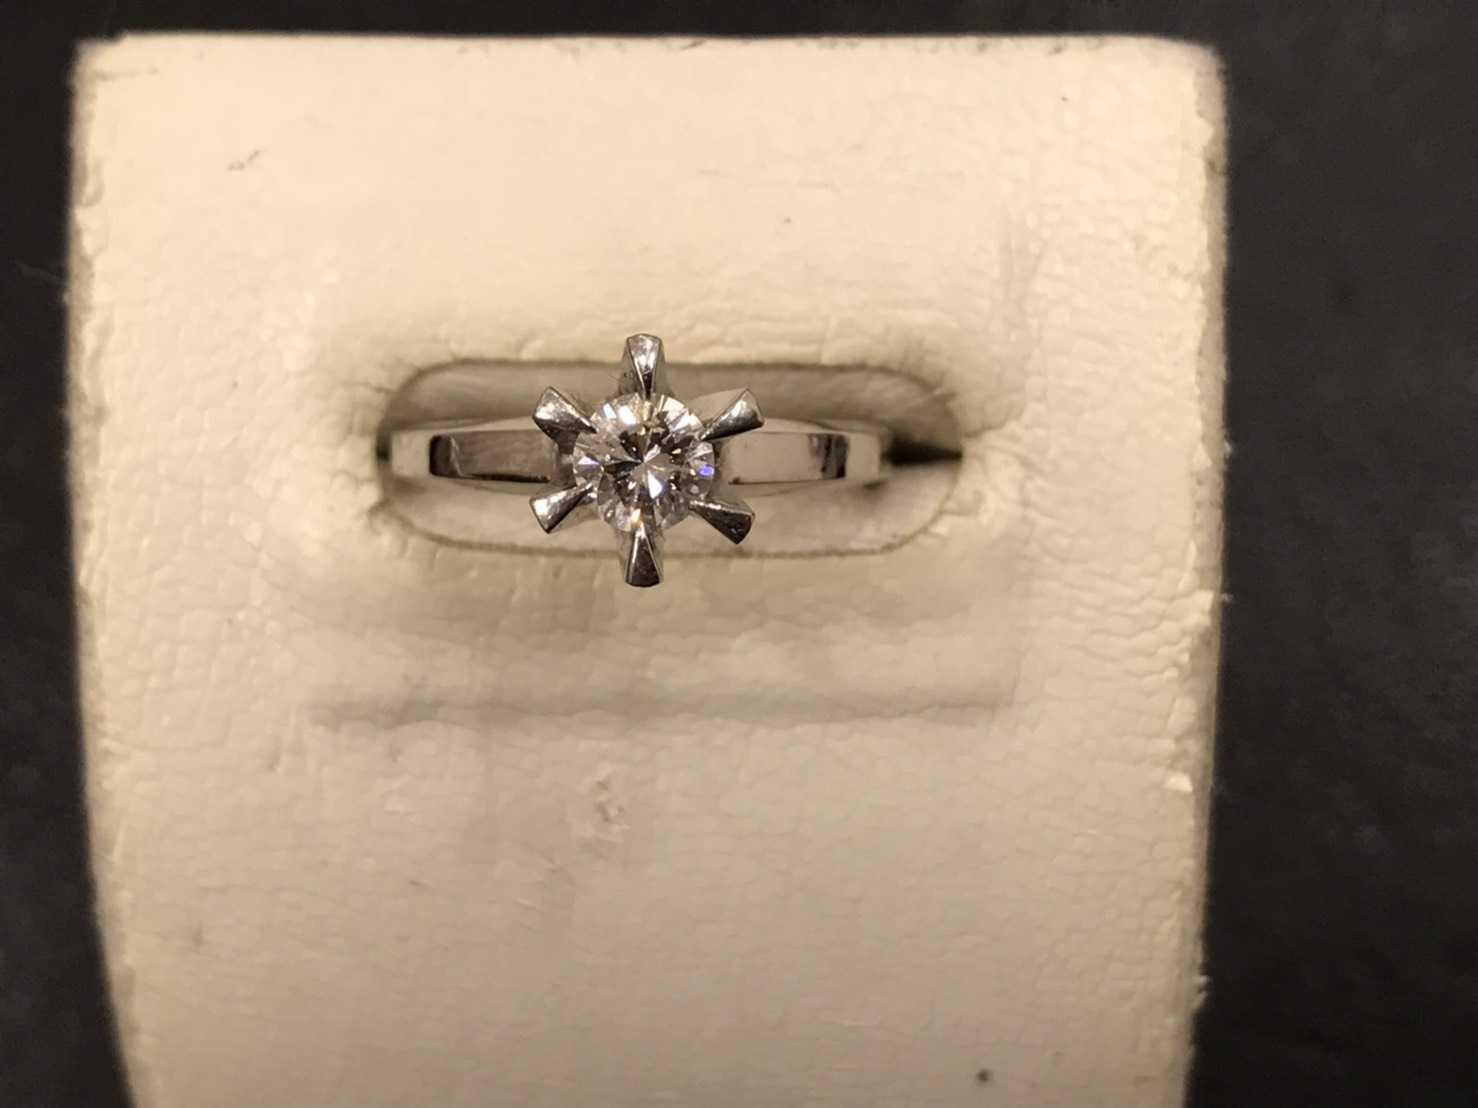 ジュエリー買取 立て爪ダイヤリング